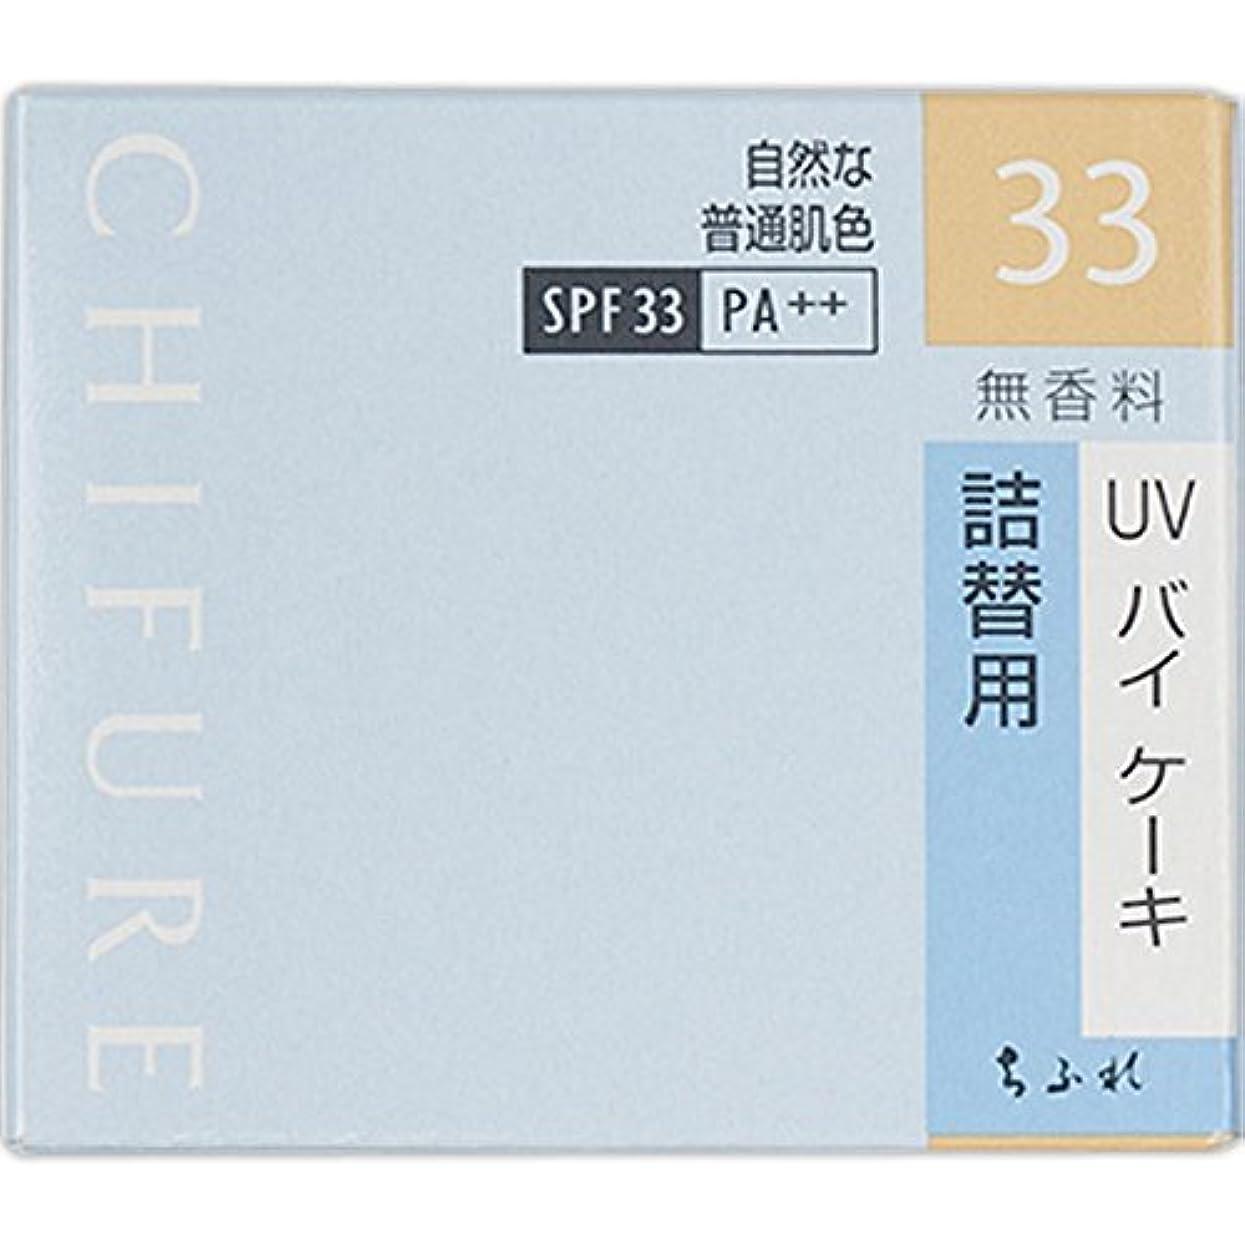 ファンシー特権的強大なちふれ化粧品 UV バイ ケーキ 詰替用 33 自然な普通肌色 14g